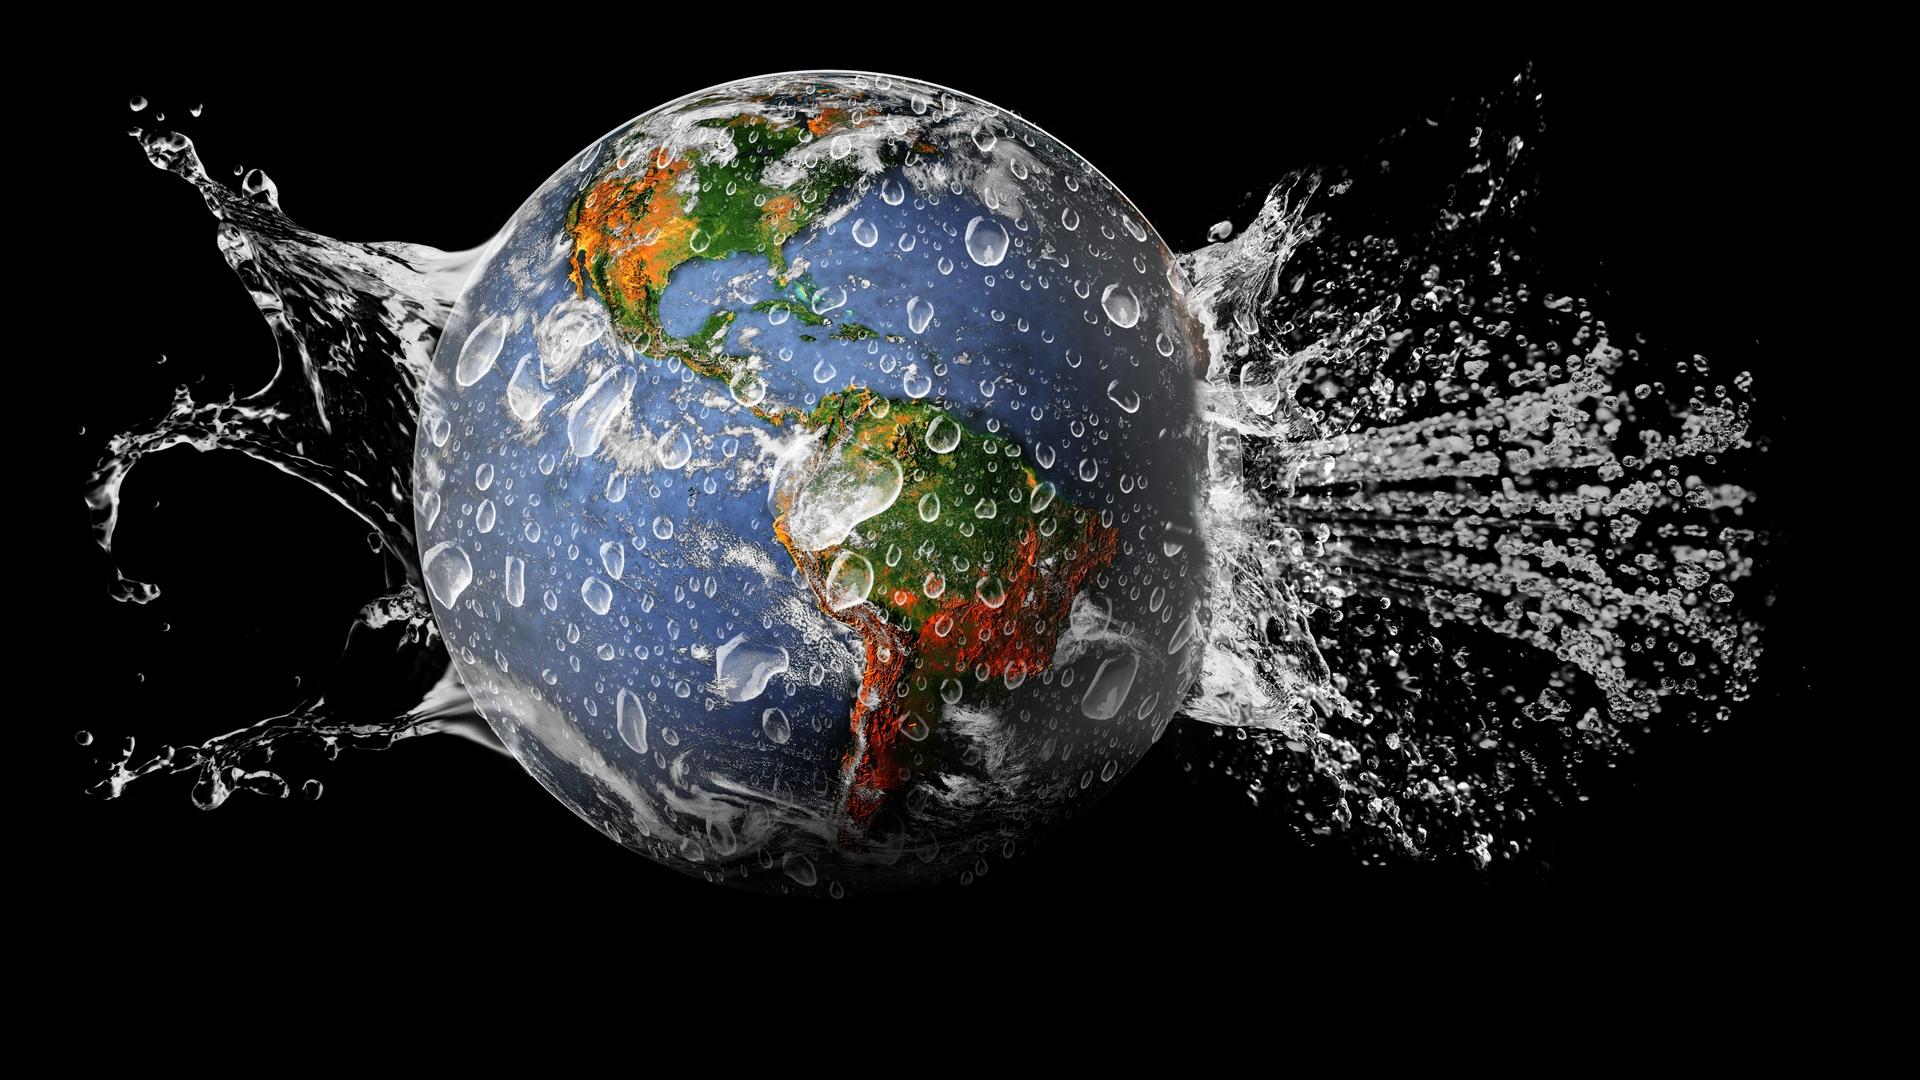 Wallpaper Globe Earth Splash Water Fluid Workforce 2053200 Hd Wallpaper Backgrounds Download